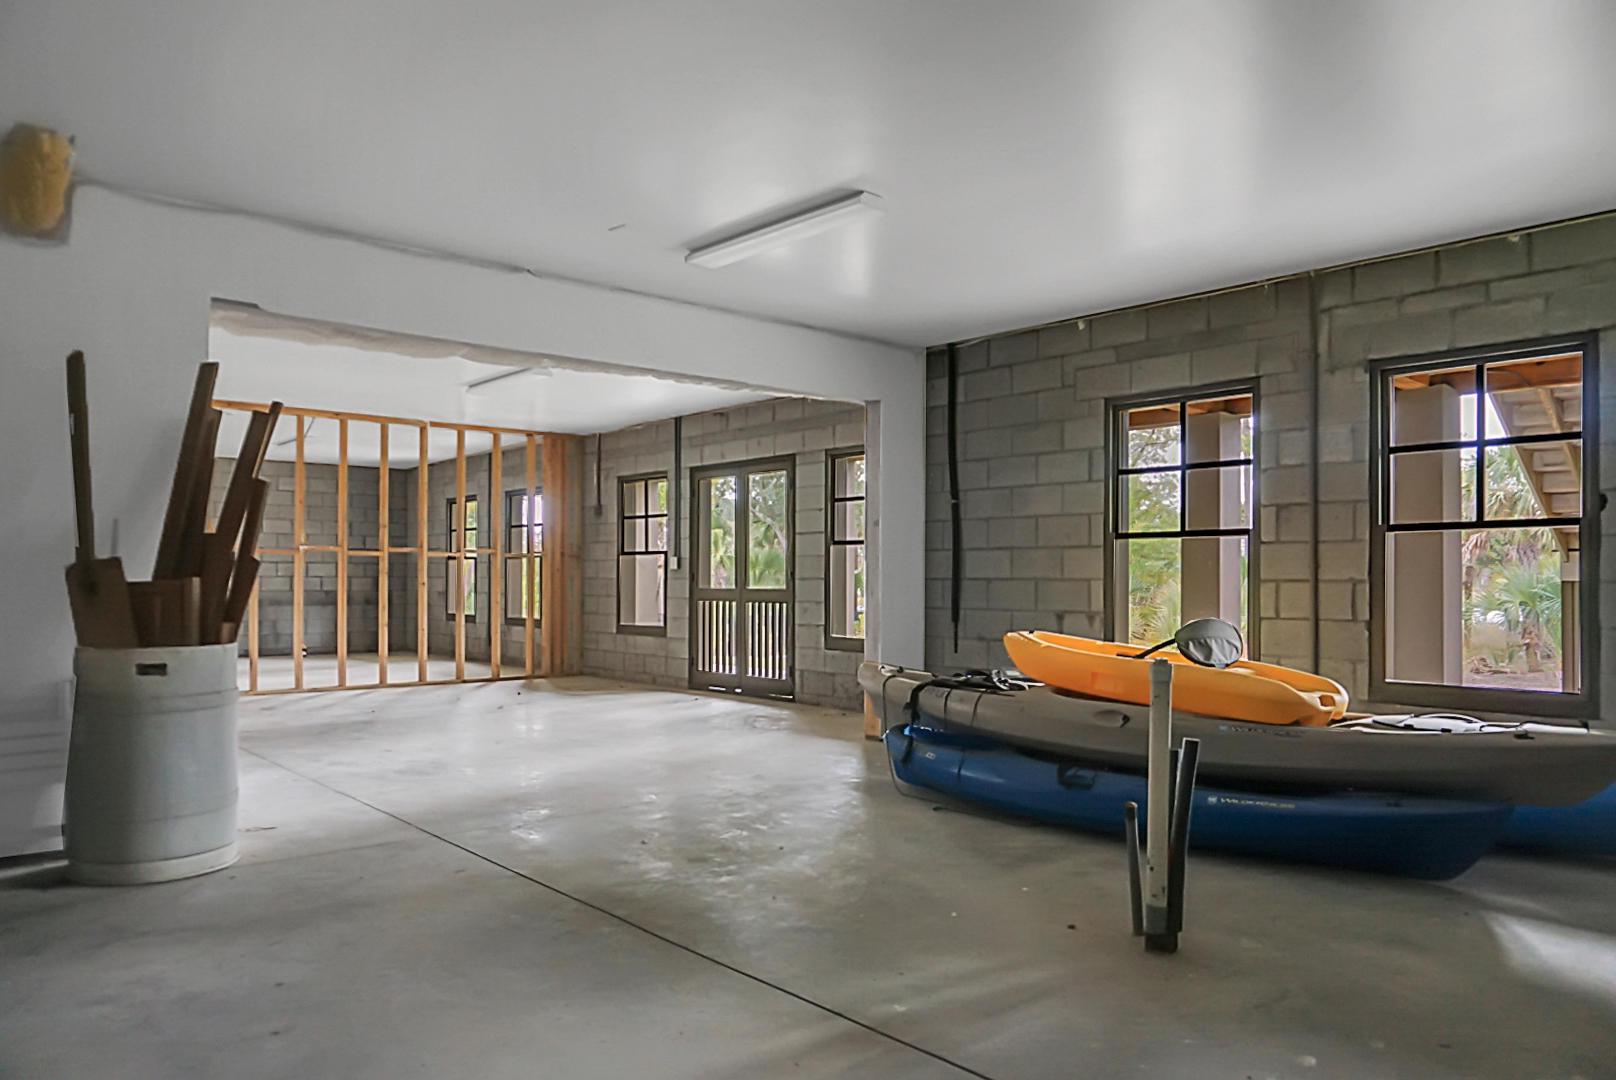 Dunes West Homes For Sale - 2978 River Vista, Mount Pleasant, SC - 71